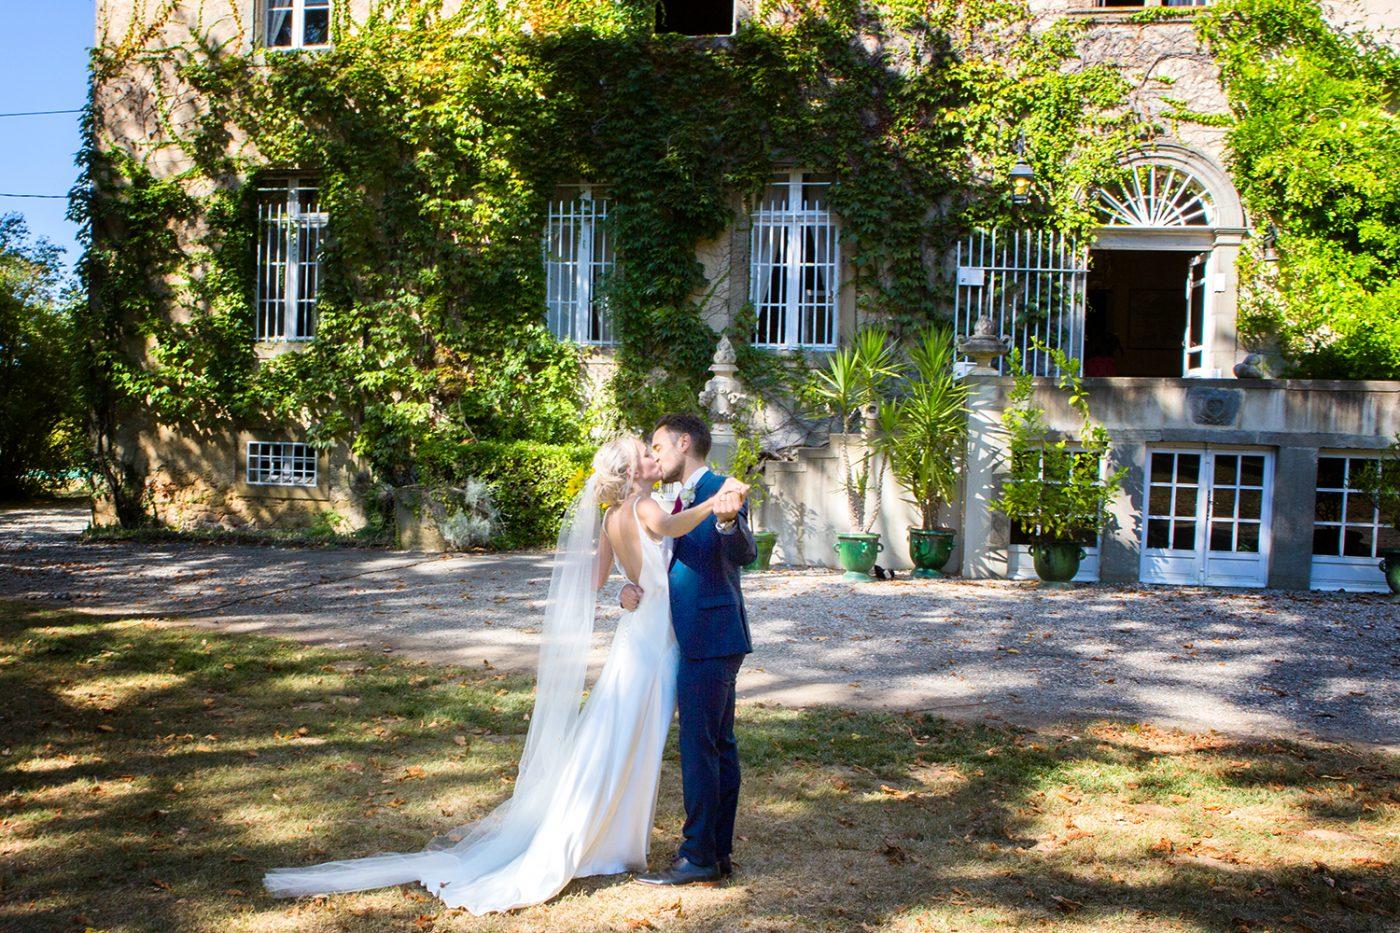 Les mariés devant le chateau La Commanderie / Bride and groom in front of Chateau La Commanderie